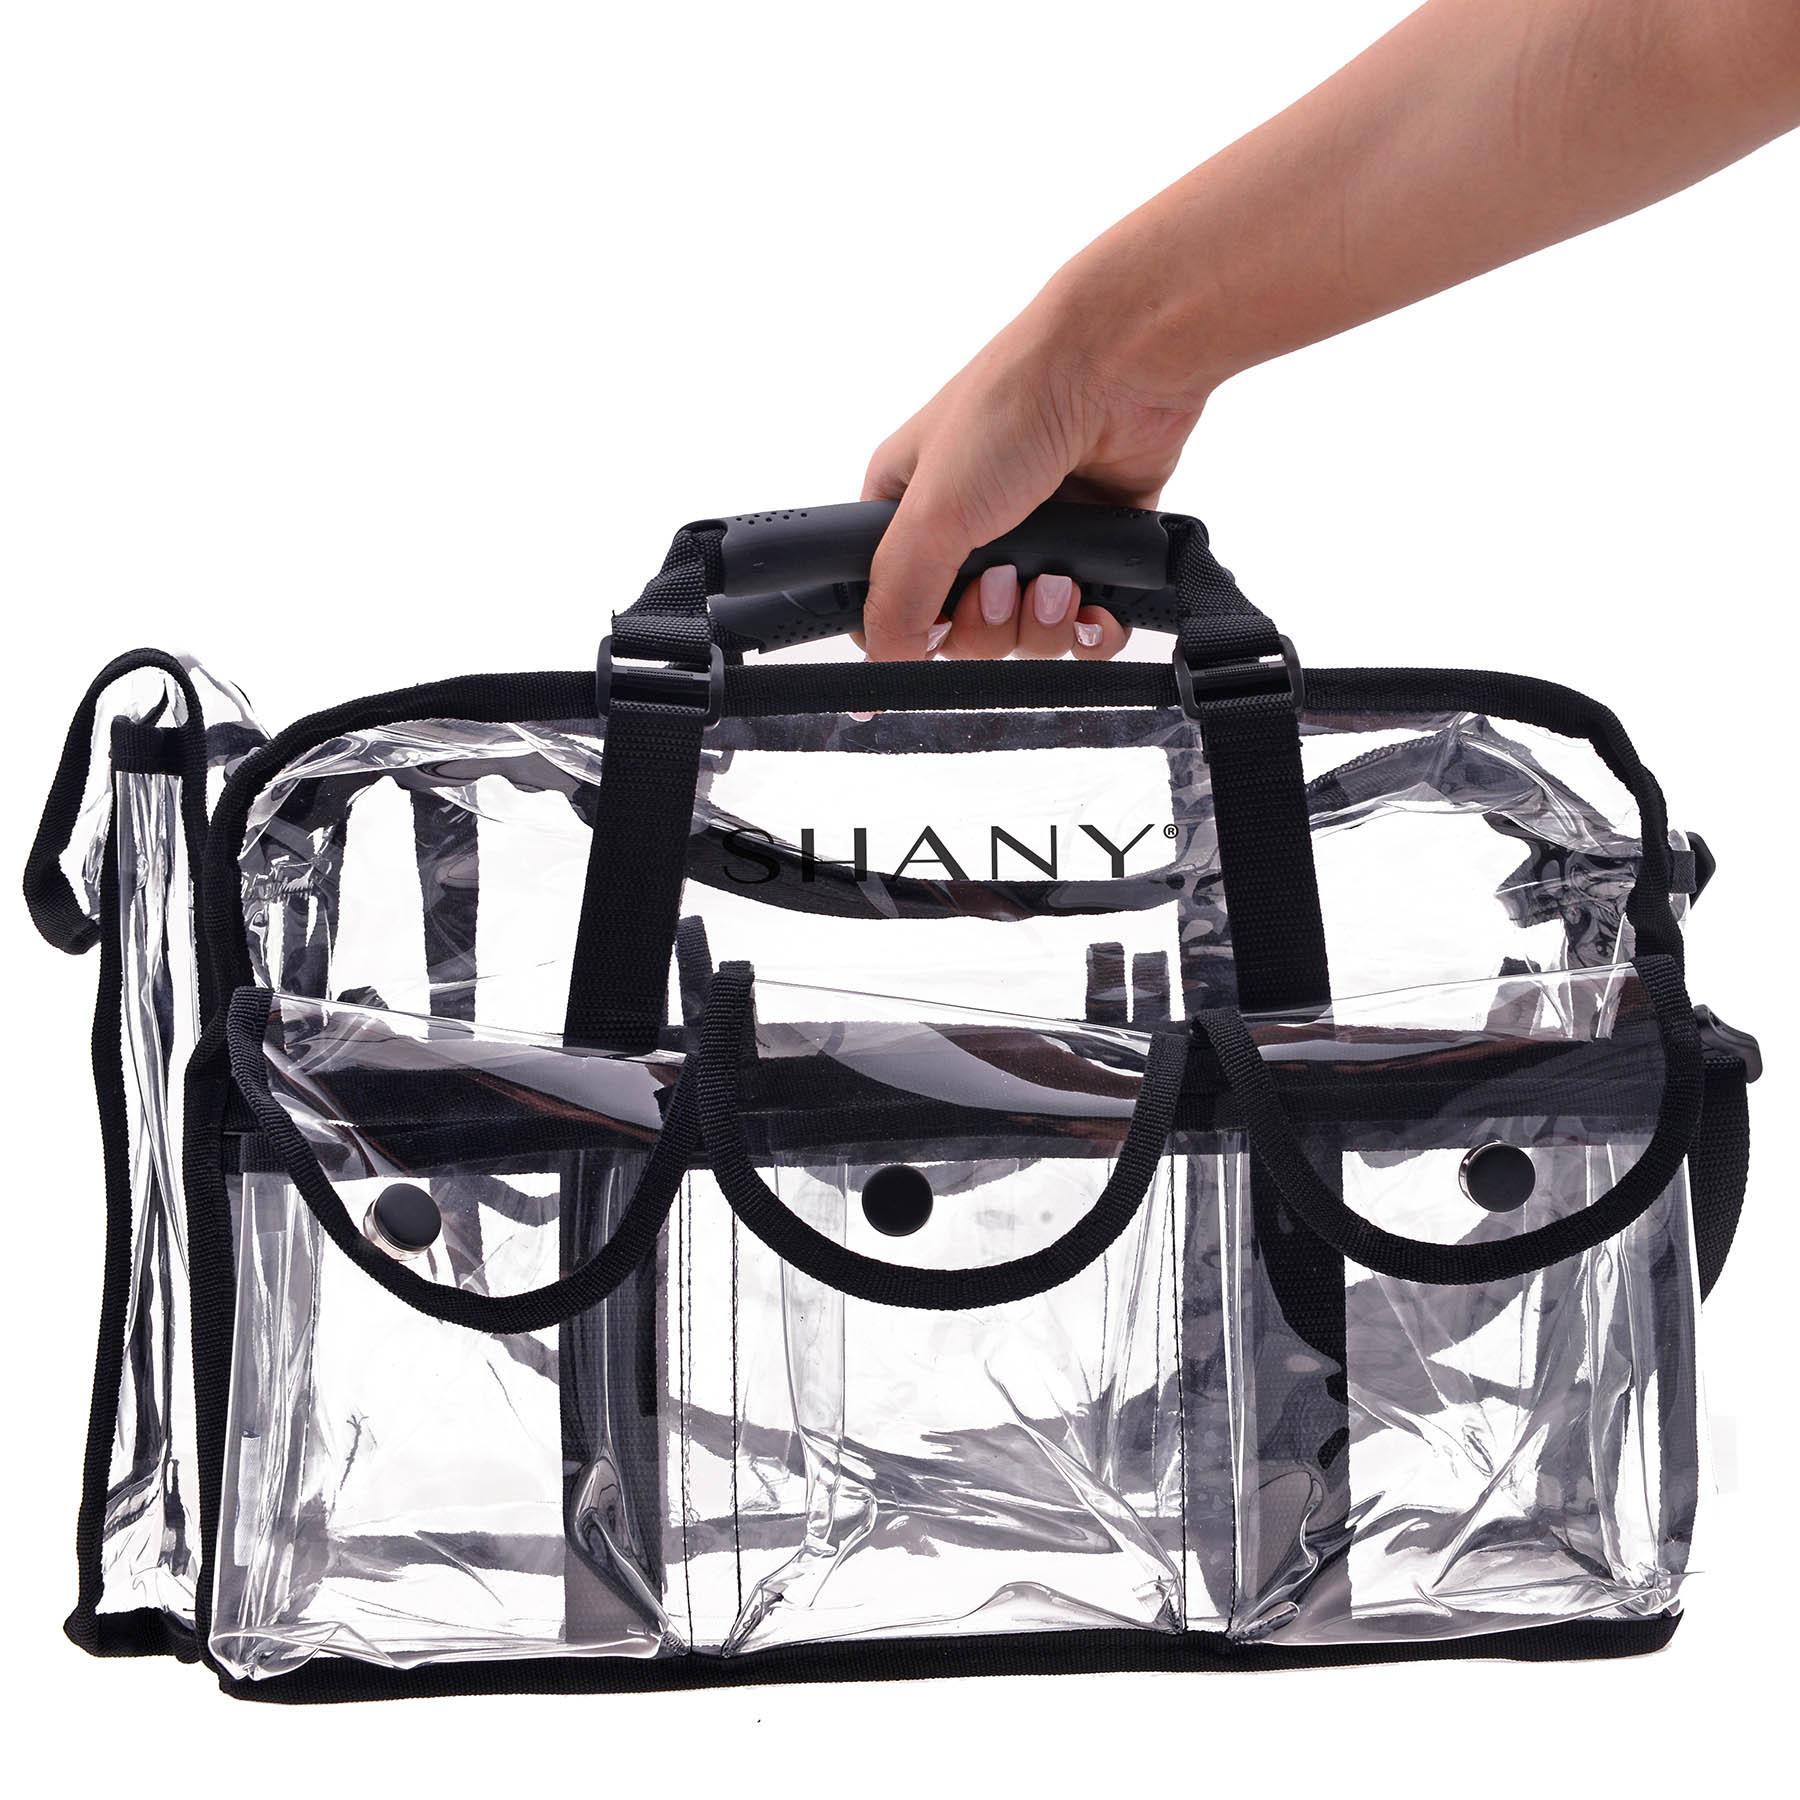 Details about Clear Makeup Bag, Pro Mua rectangular Bag with Shoulder Strap, Large